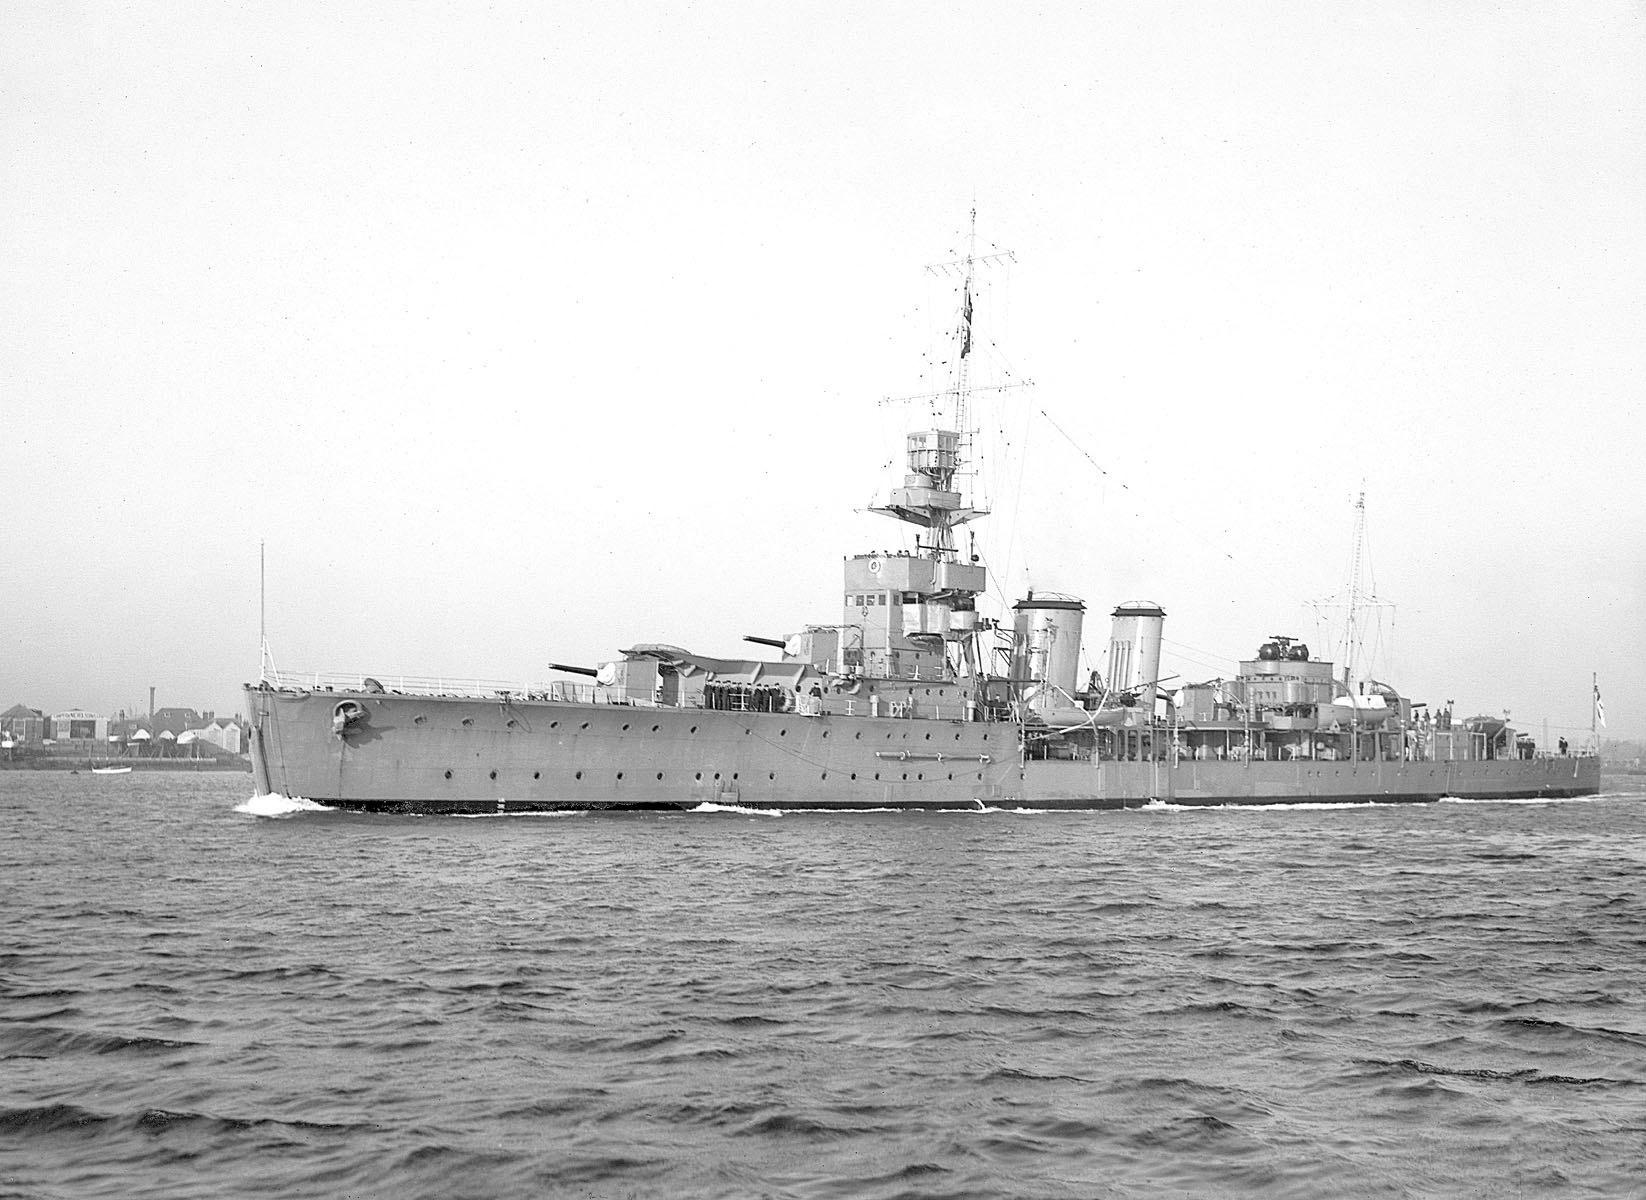 легкий крейсер Кюрасао,1937г.потом (1942г)